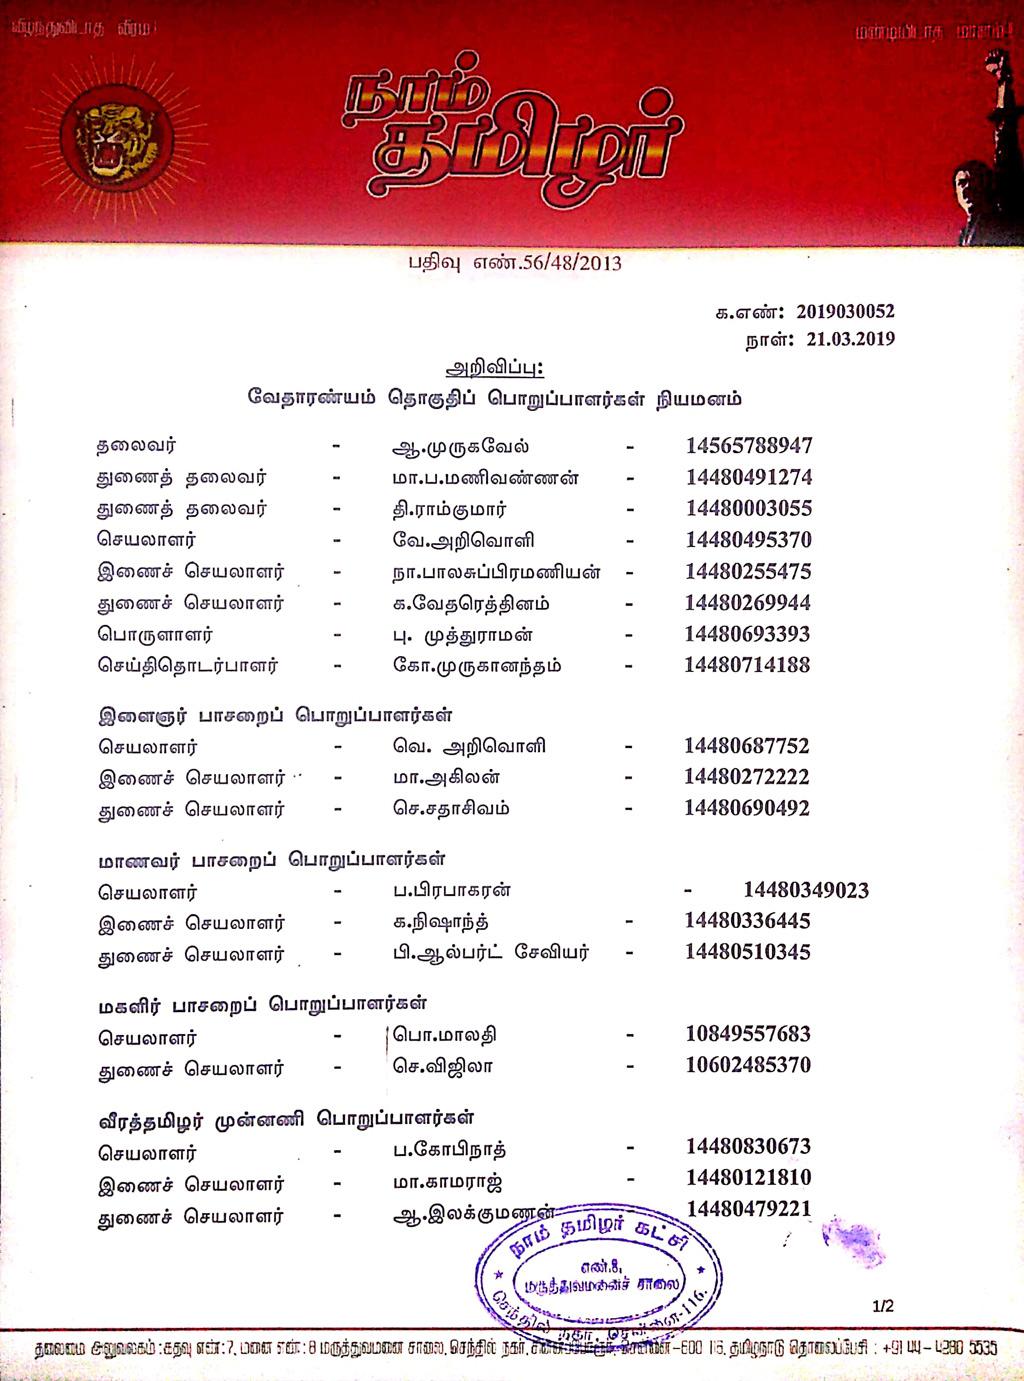 தலைமை அறிவிப்பு: வேதாரண்யம் தொகுதிப் பொறுப்பாளர்கள் நியமனம் | க.எண்: 2019030052 naam tamilar katchi seeman arivippu nagapattinam district vetharanyam thoguthy poruppalargal 2019 03 0052